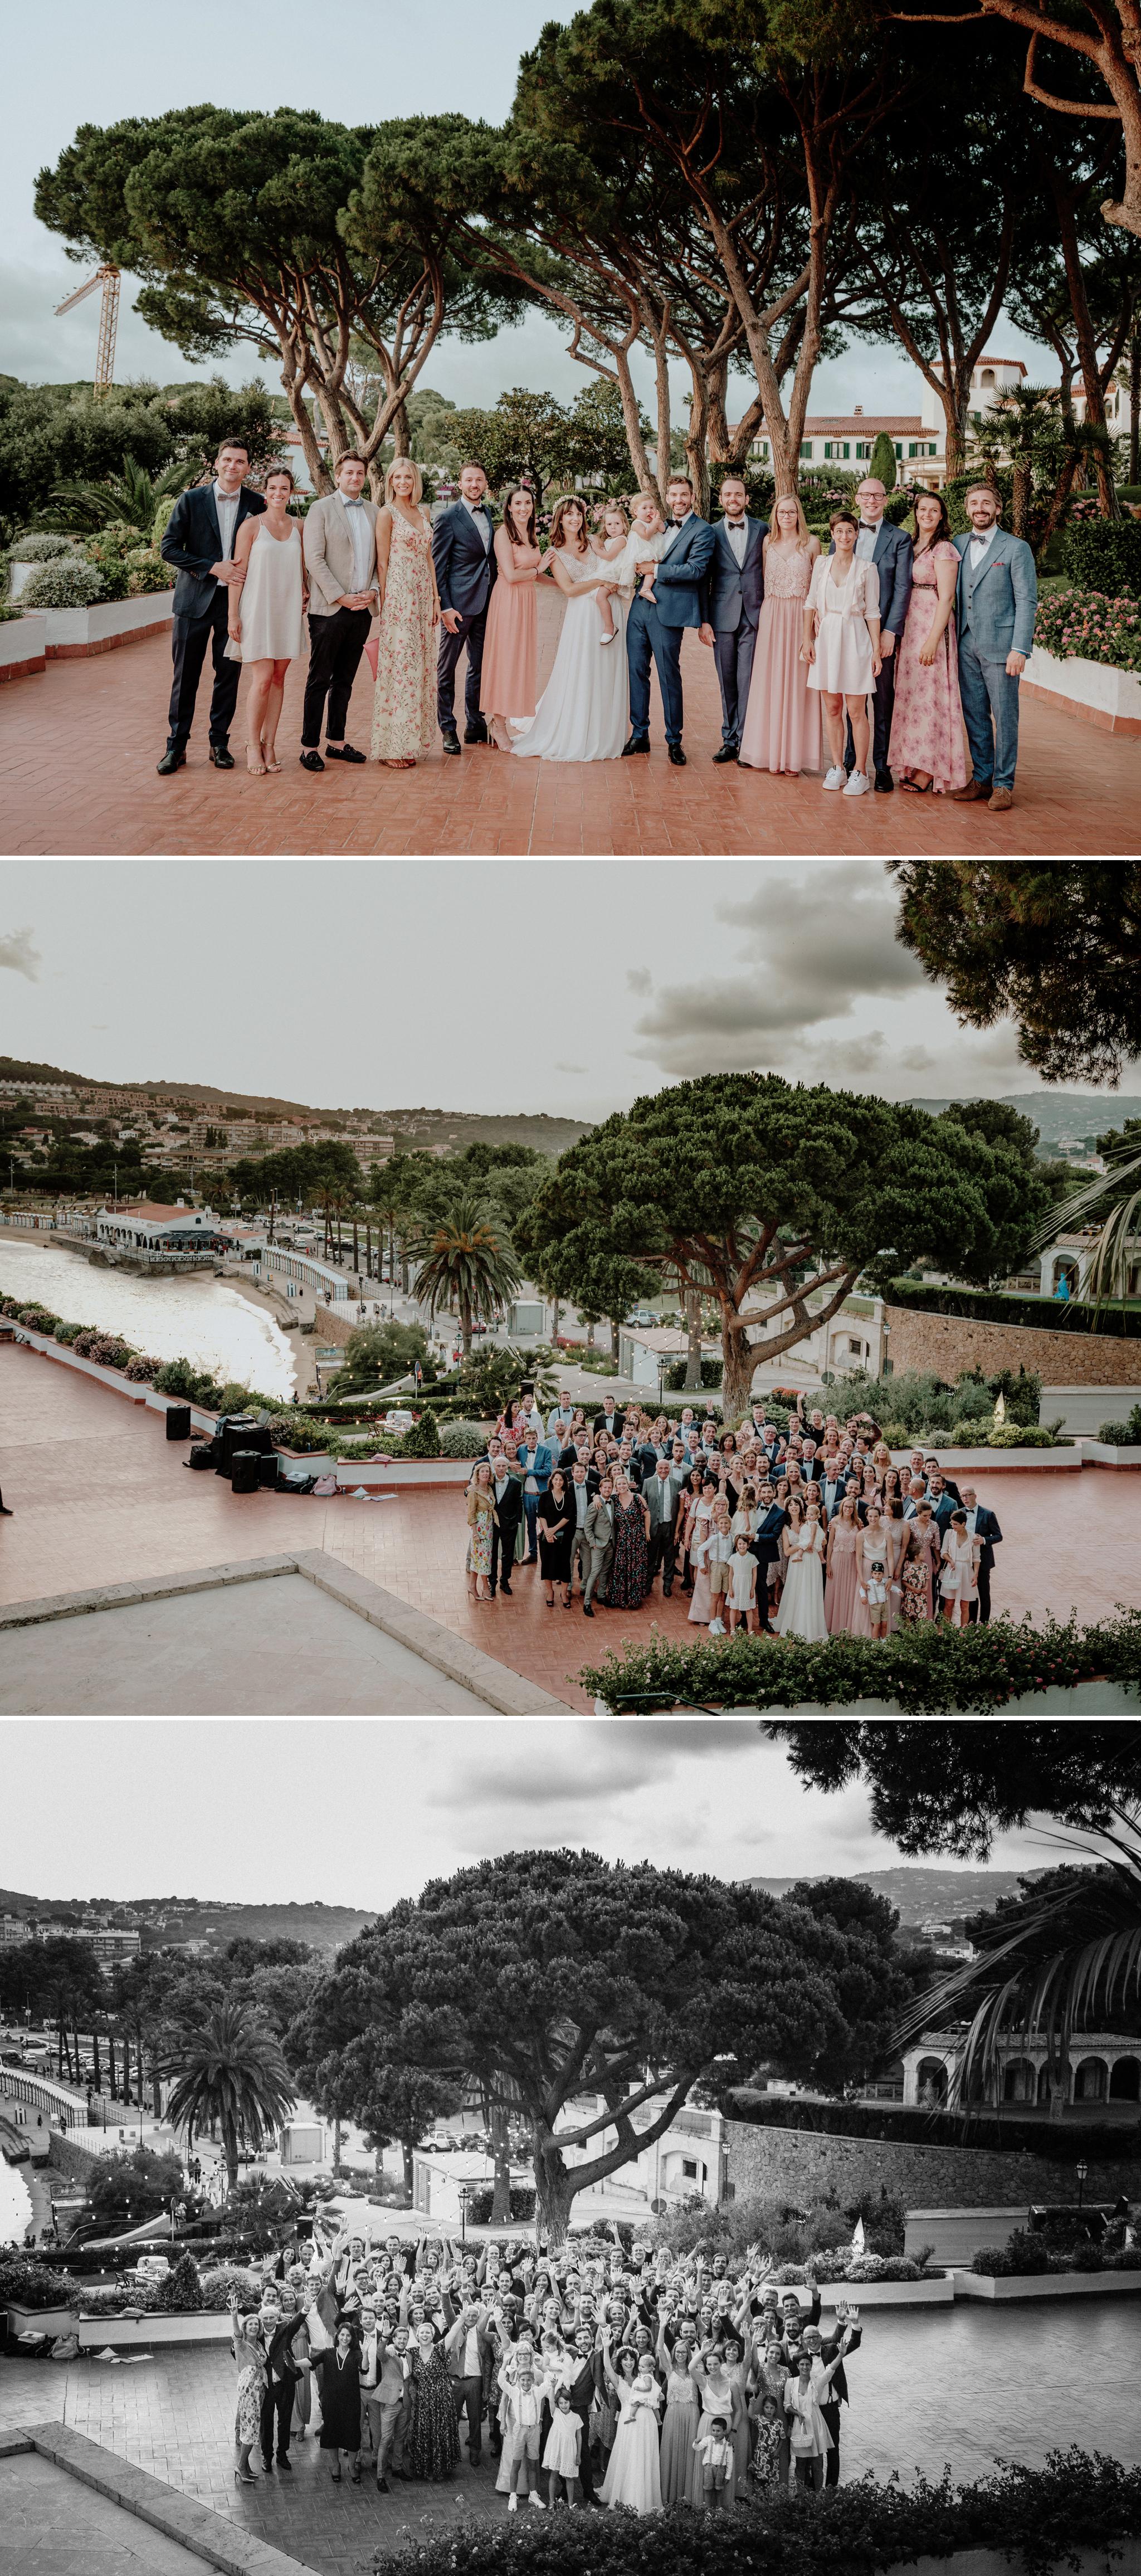 fotografo-boda-barcelona0071.jpg